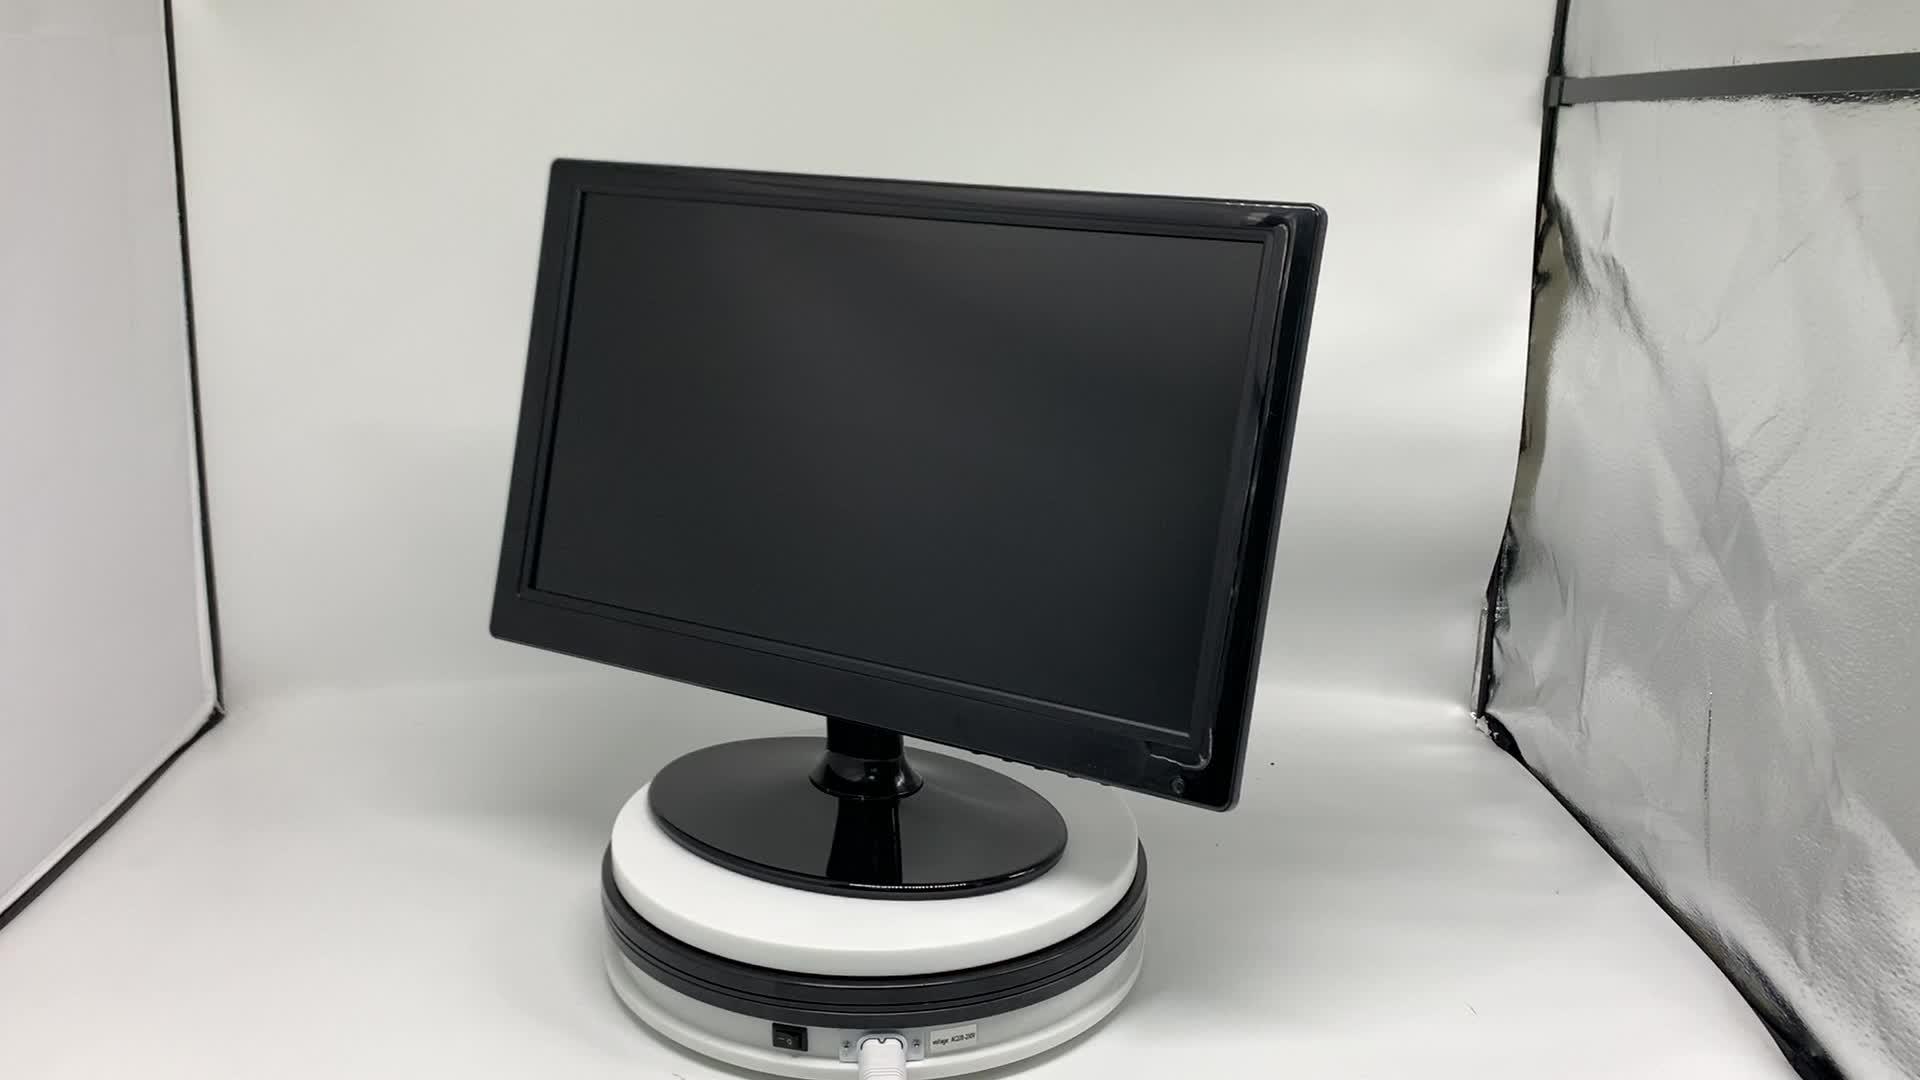 良質フル HD 1080 p IPS 15 インチ 17 インチ Led モニタ 12 ボルト Dc 電源